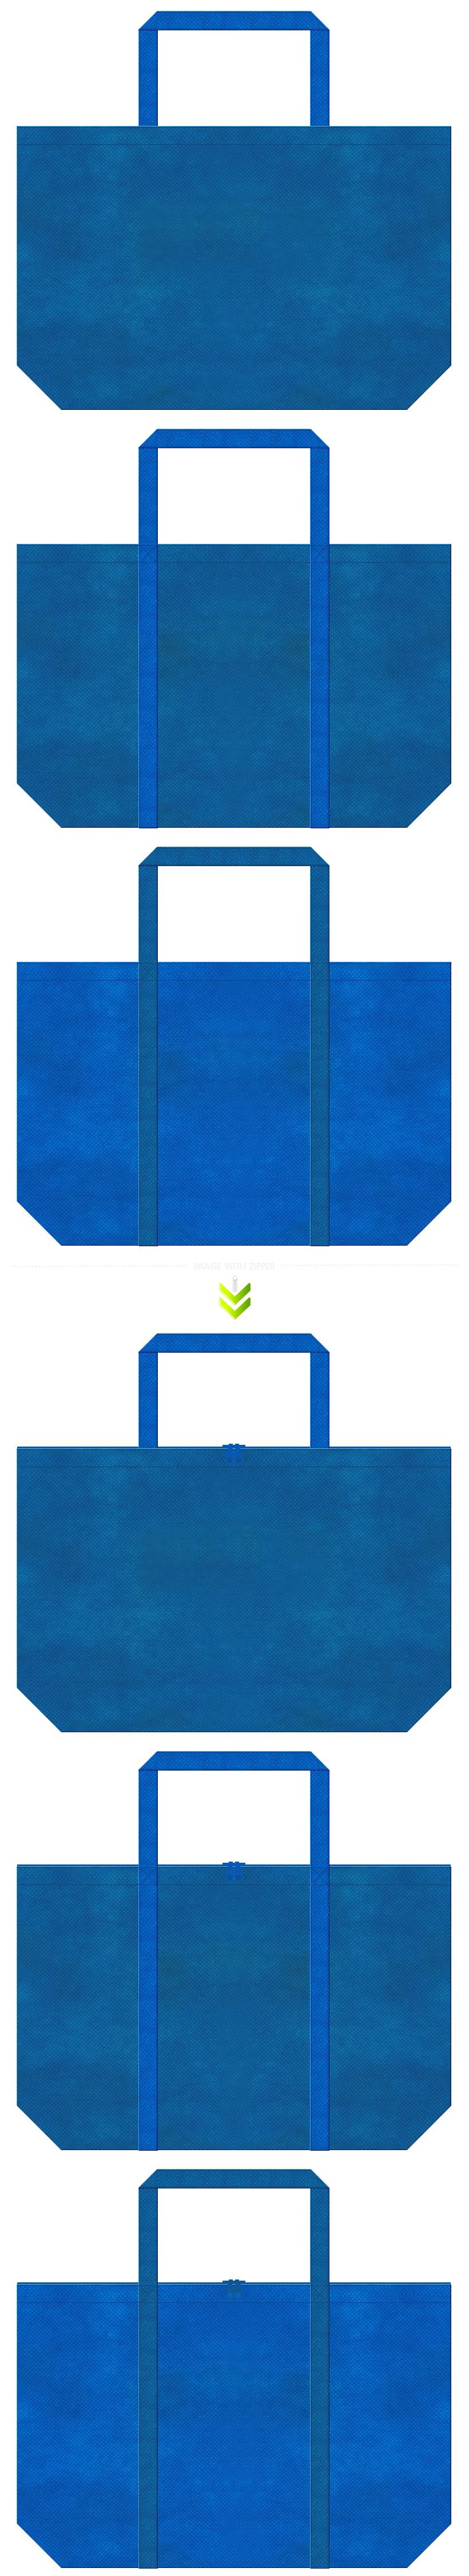 不織布ショッピングバッグのデザイン:不織布カラーNo.28スポルトブルーとNo.22スカイブルーの組み合わせ